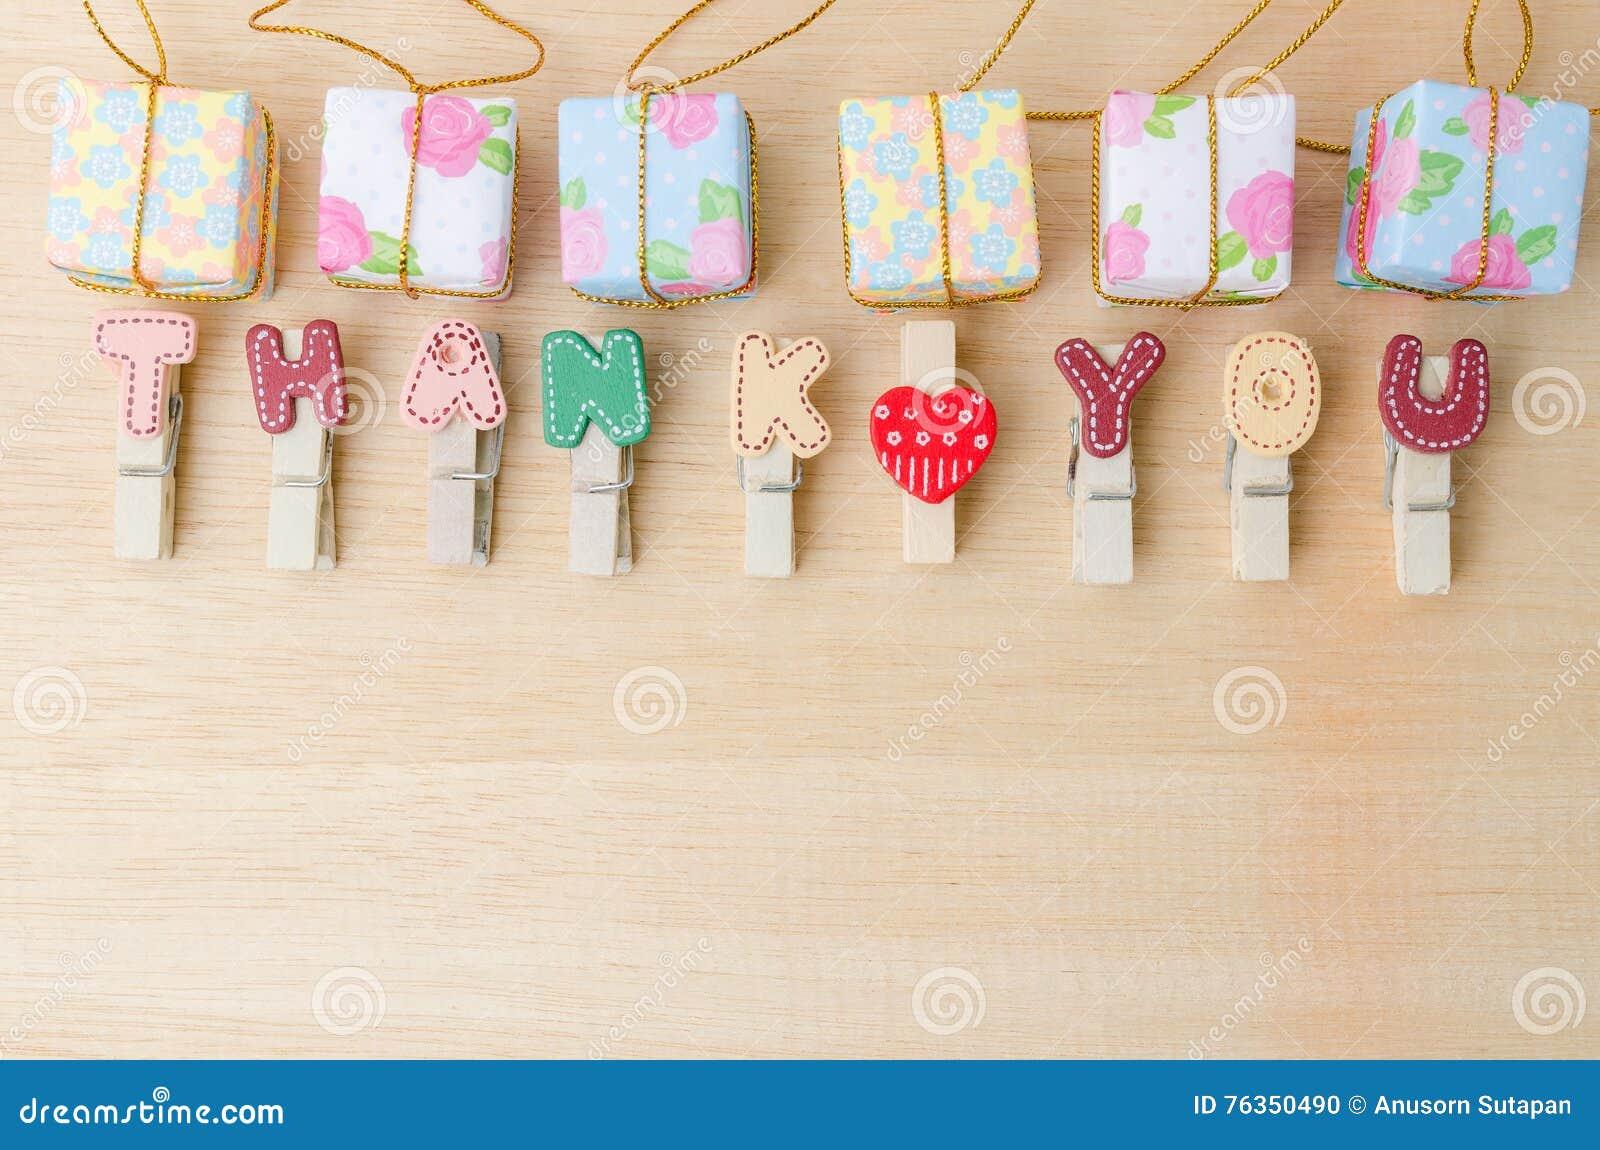 Спасибо слово веревки для белья с подарочными коробками на деревянном столе